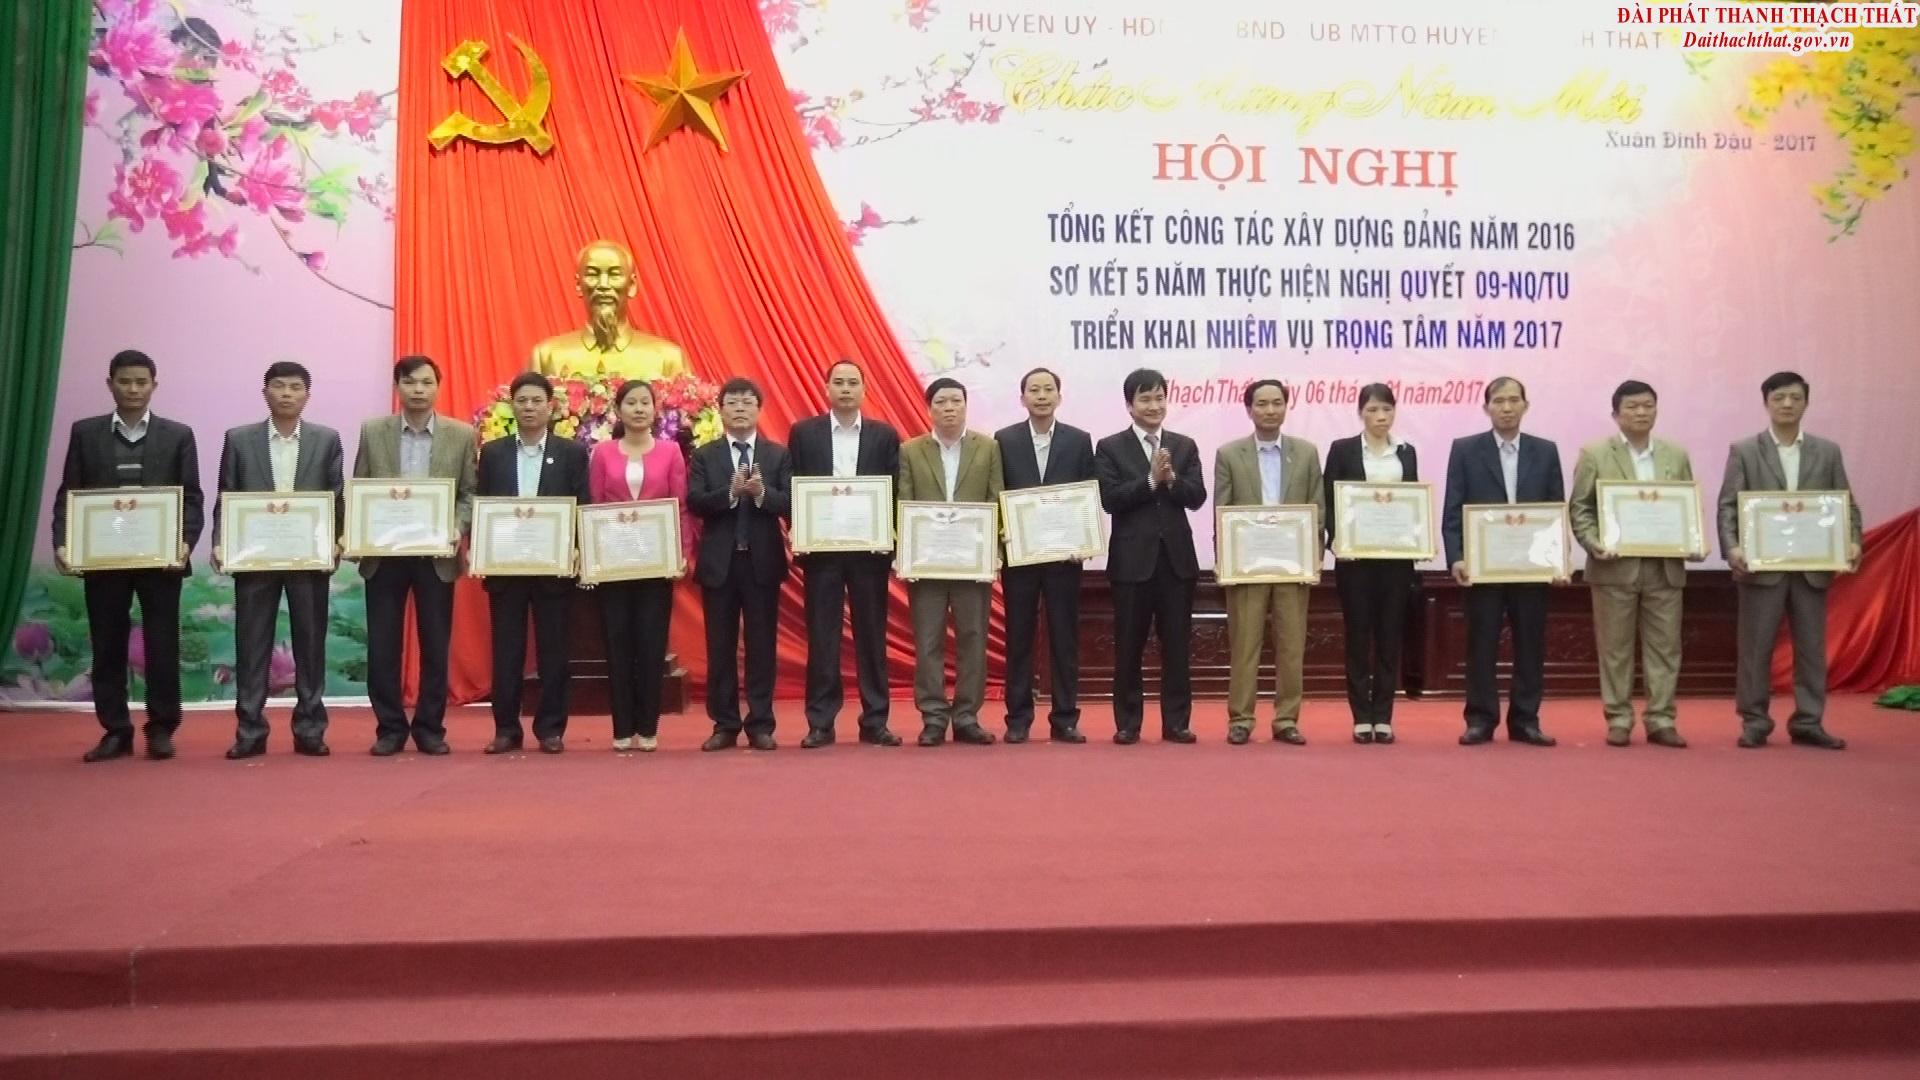 Thạch Thất tổng kết công tác xây dựng Đảng năm 2016.